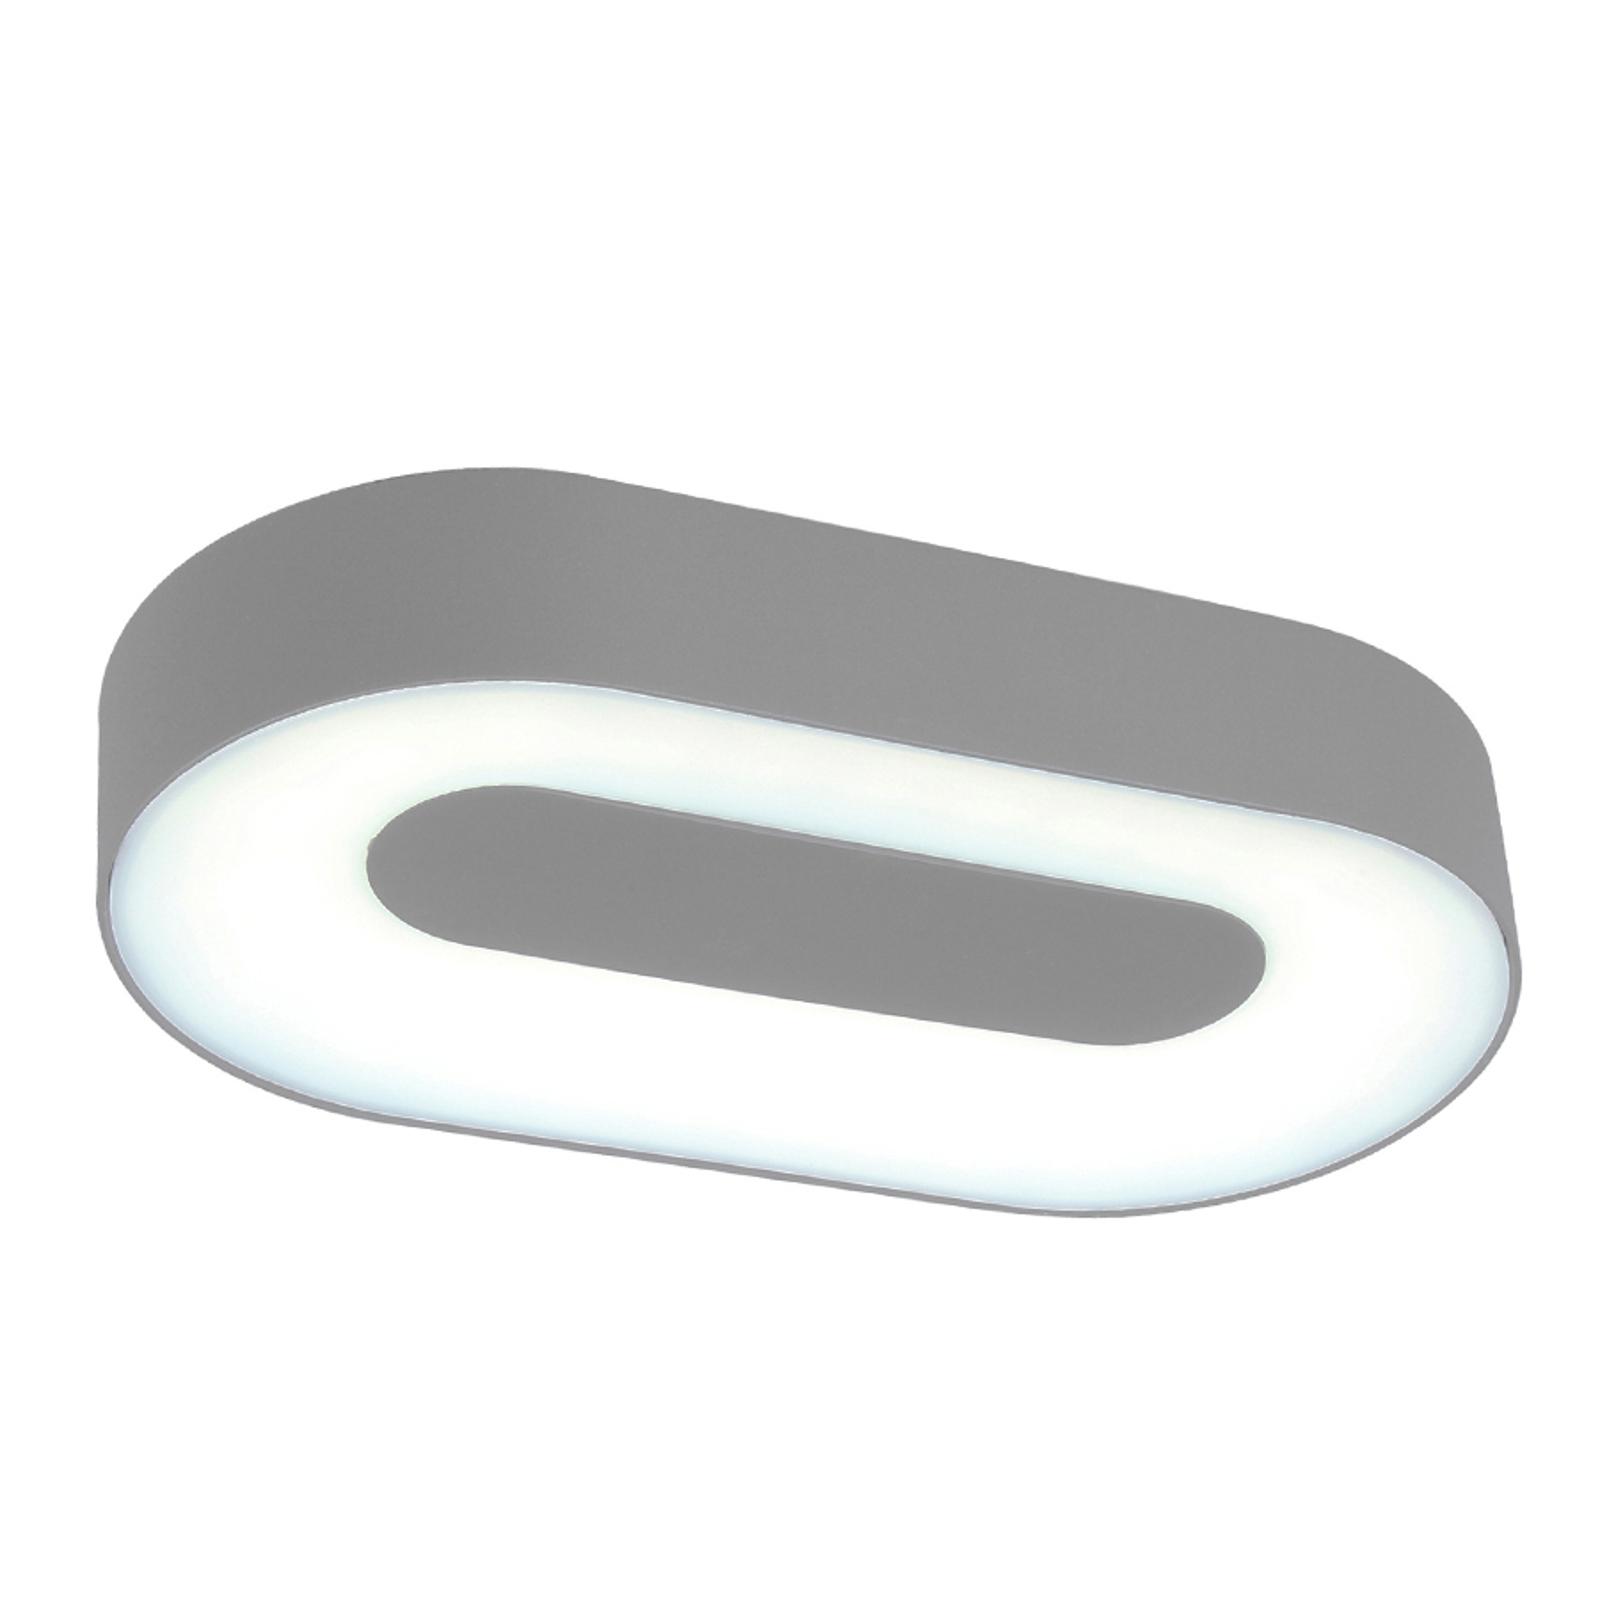 Ovale LED-Wandleuchte Ublo für den Außenbereich